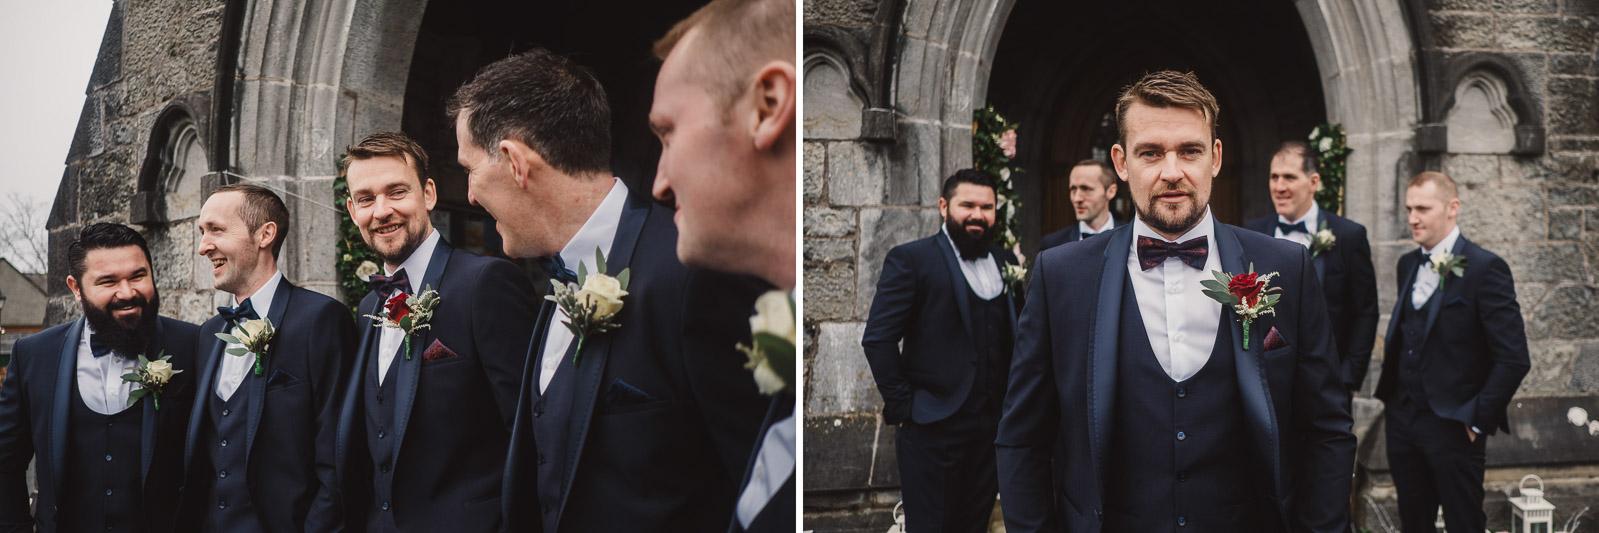 Adare_Manor_Wedding_Photos-35